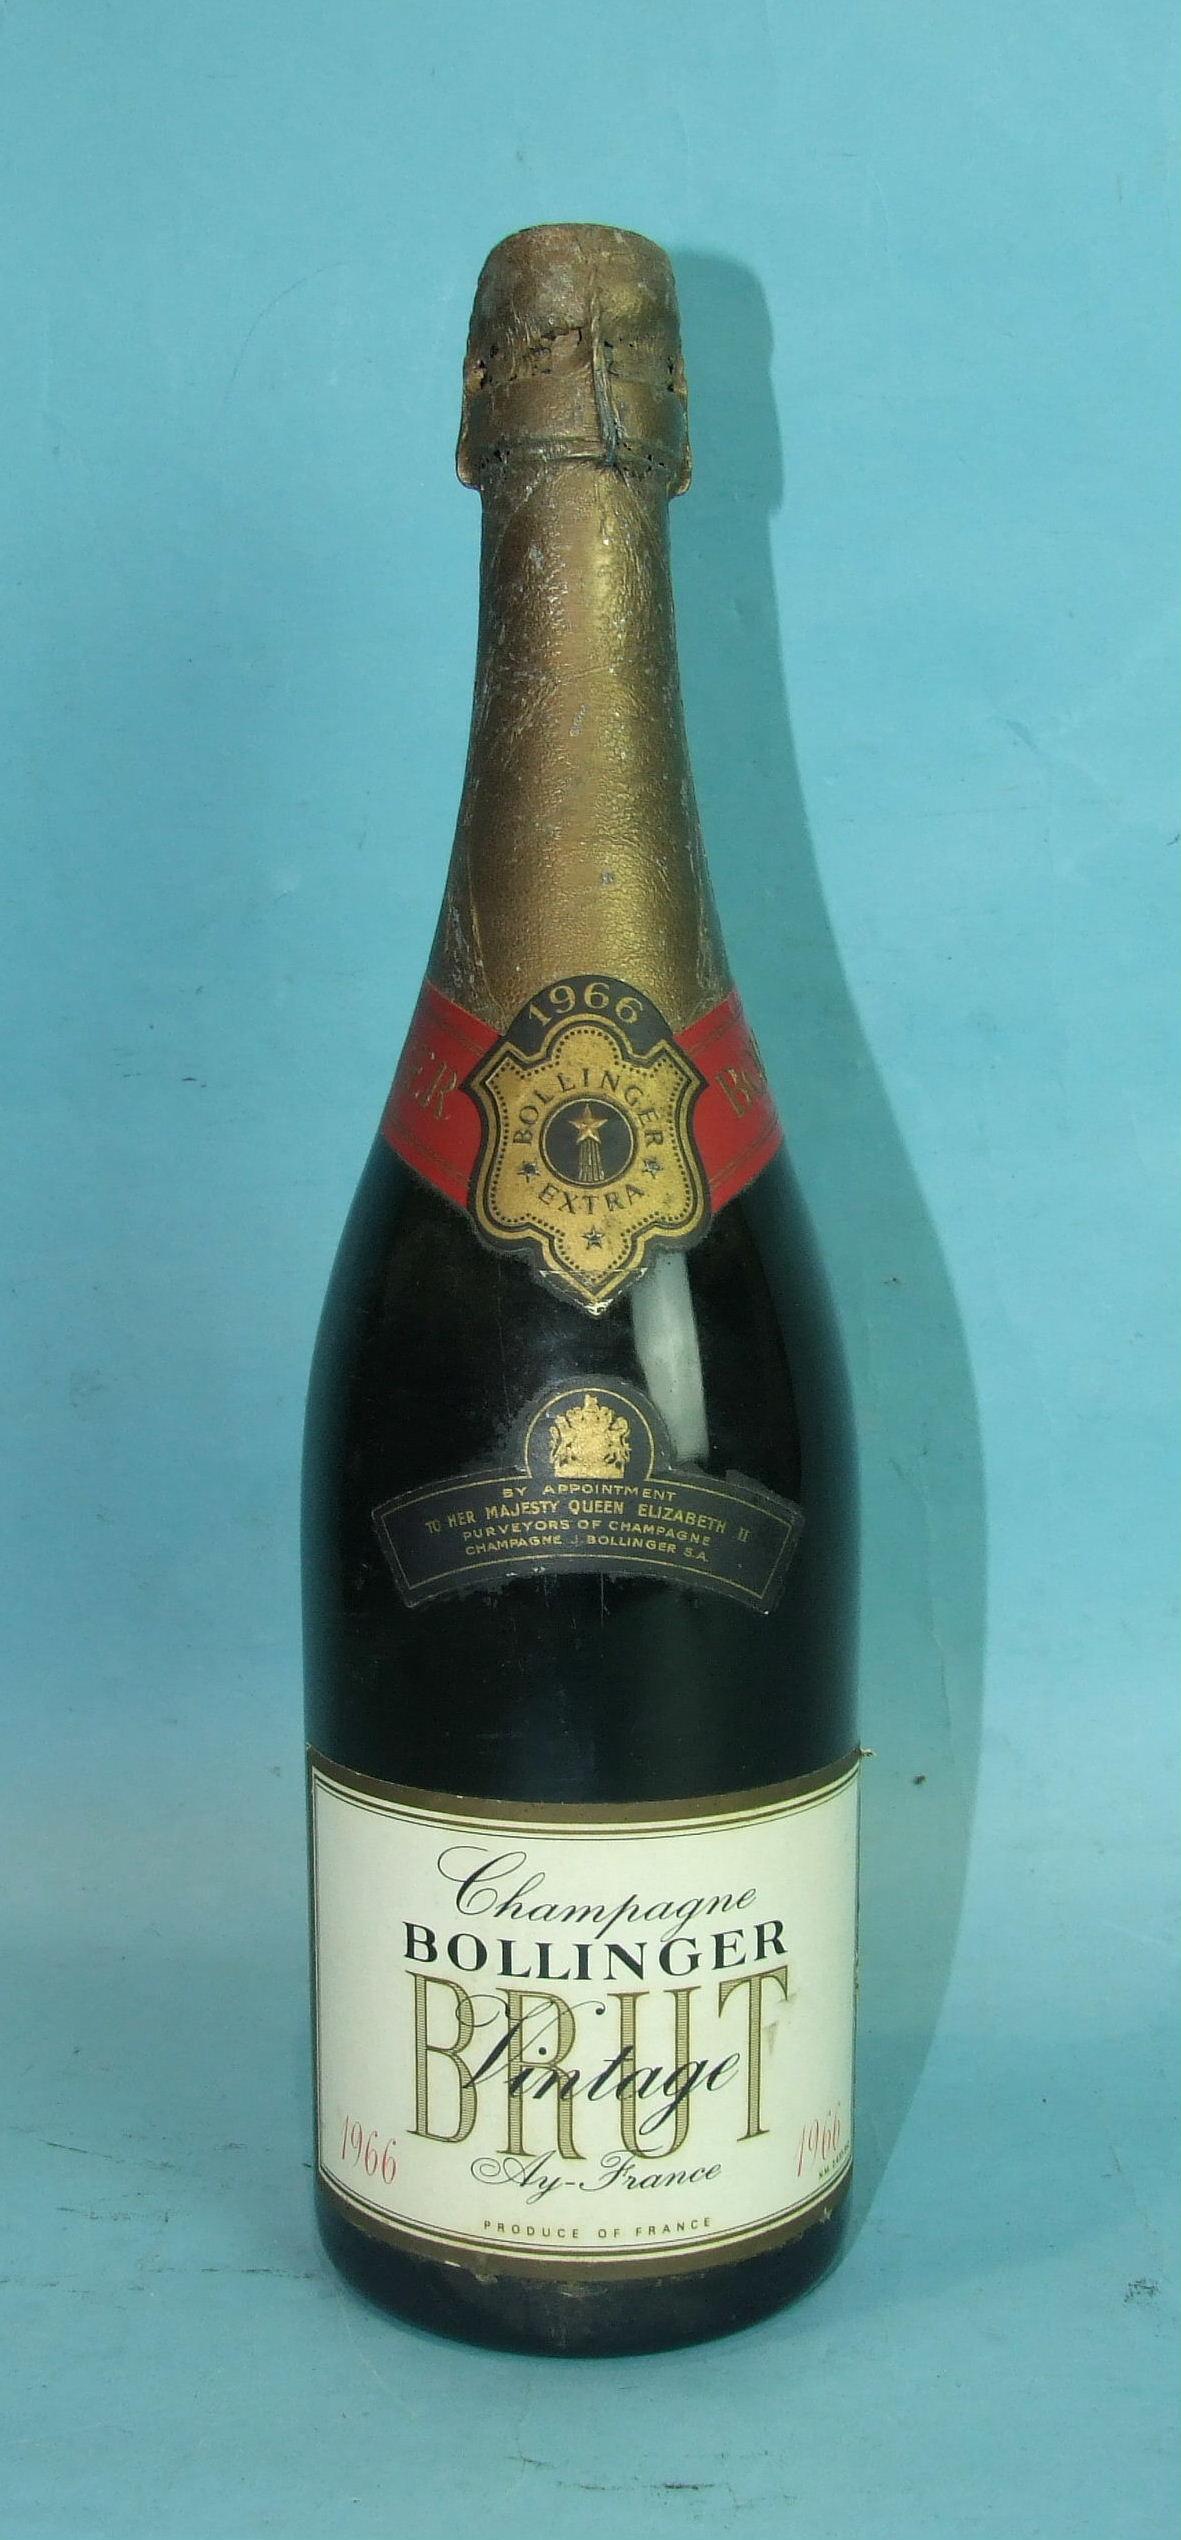 Lot 10 - Bollinger Vintage Brut Champagne 1966, one bottle, (foil damaged).